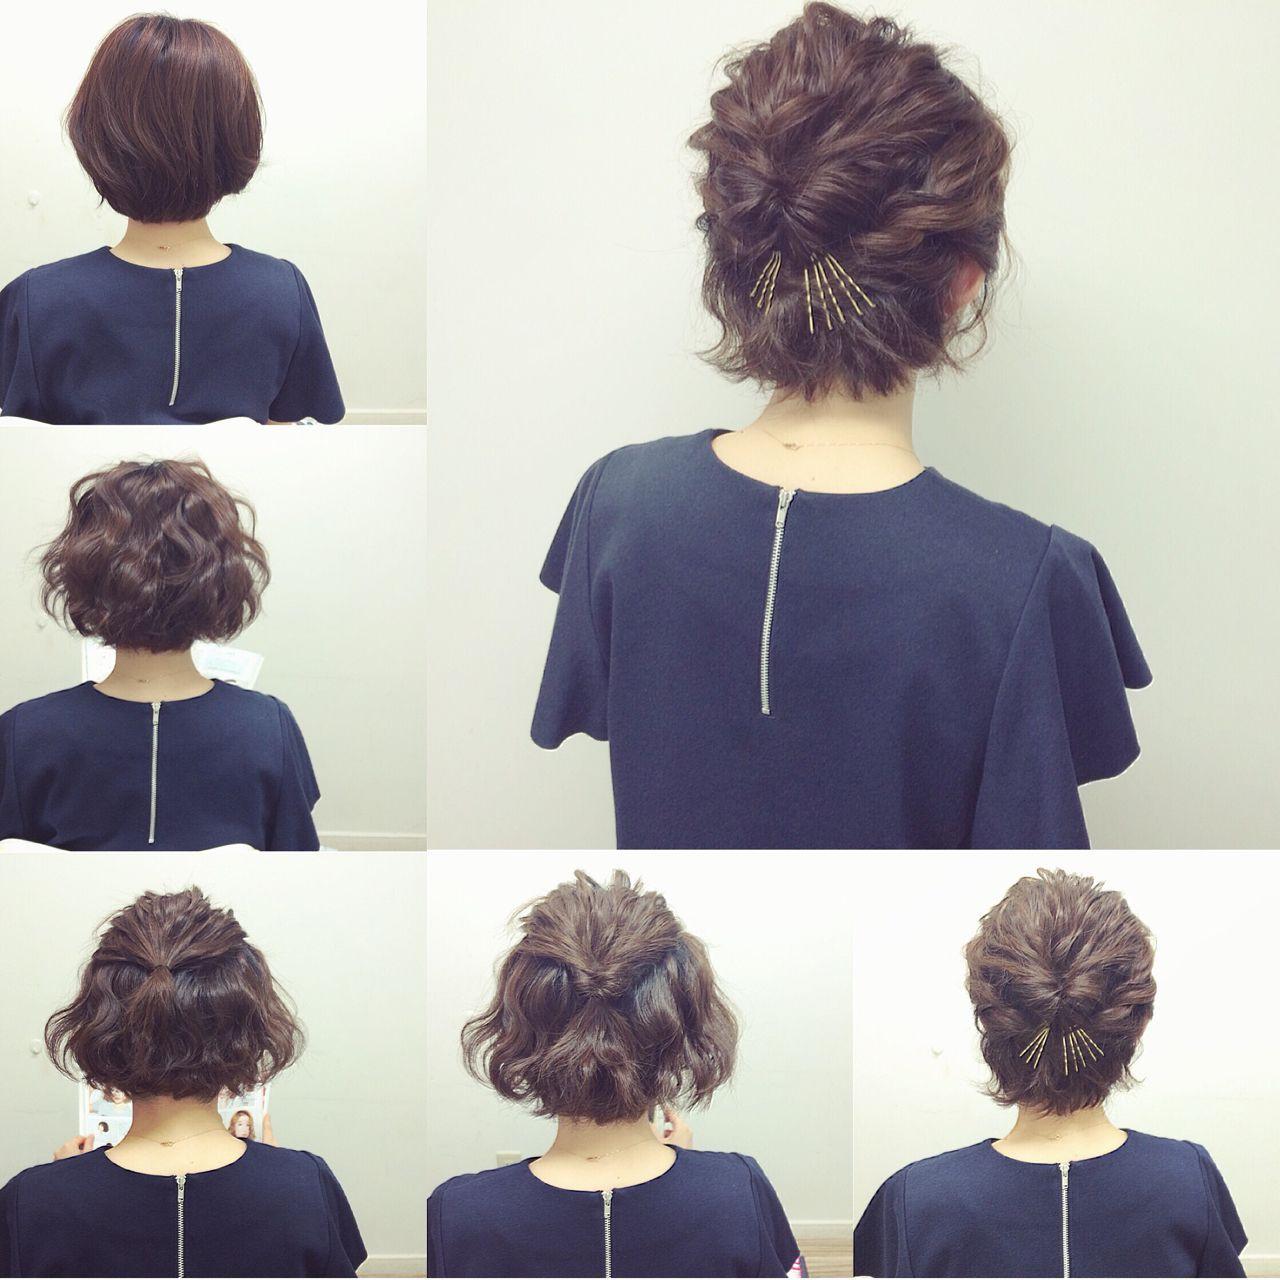 ナチュラル アップスタイル ショート ヘアアレンジ ヘアスタイルや髪型の写真・画像